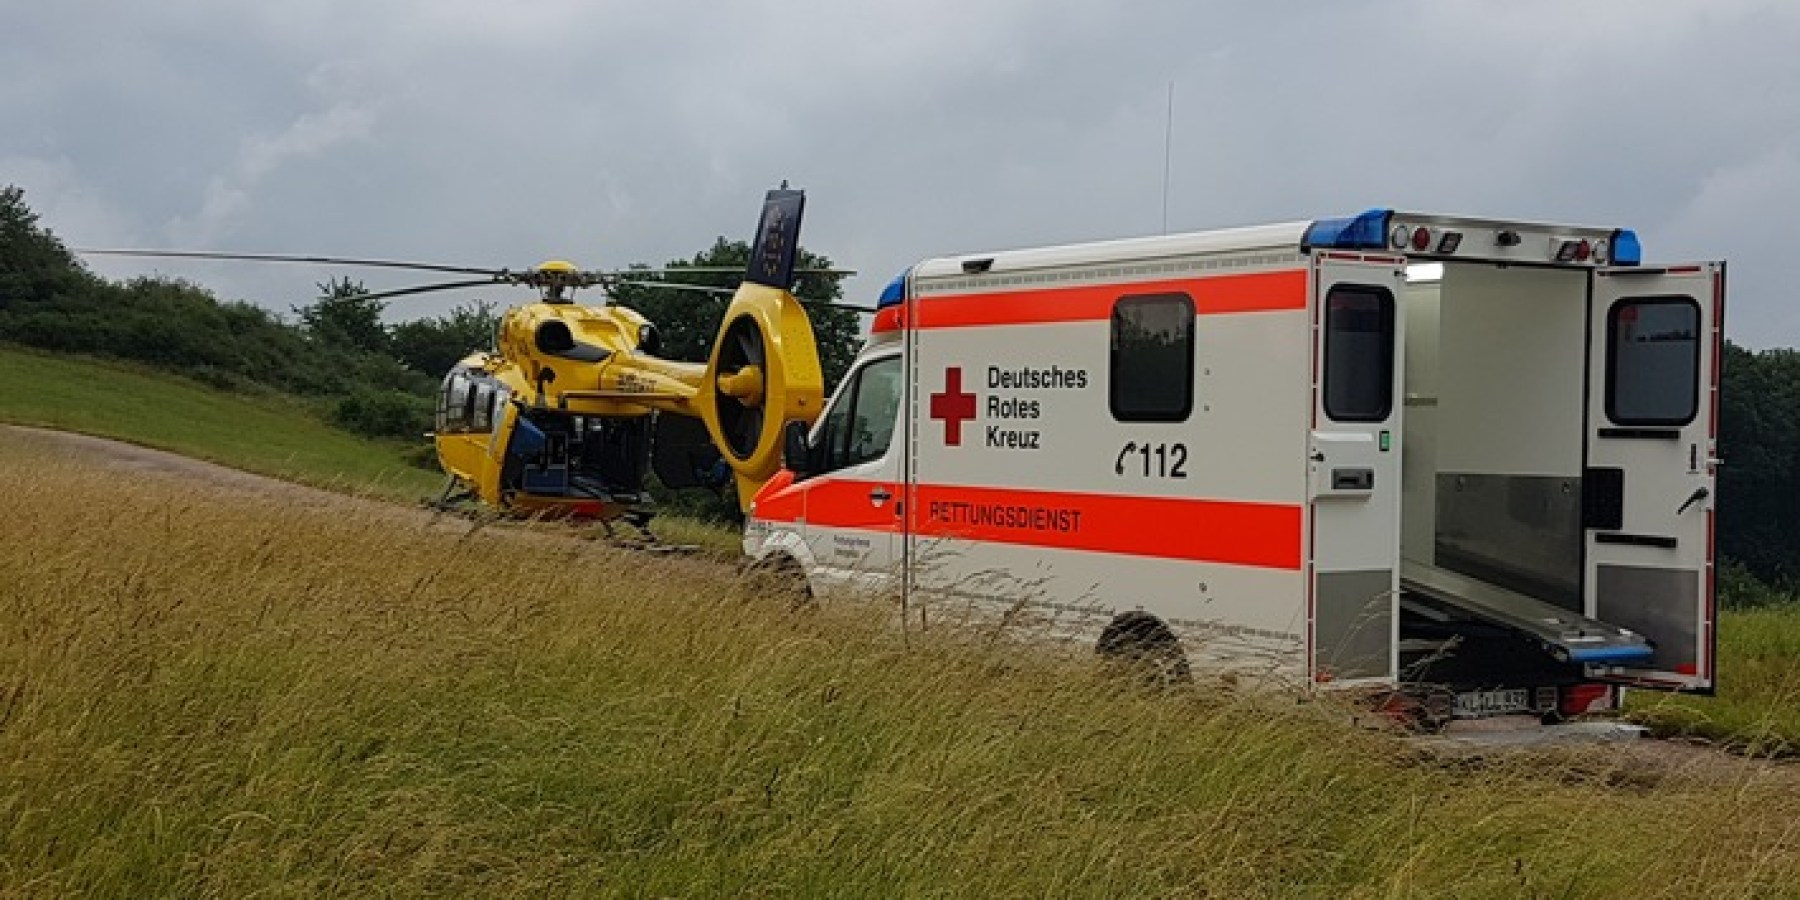 Patient nach Traktorunfall mit ADAC Rettungshubschrauber ins Westpfalzklinikum transportiert